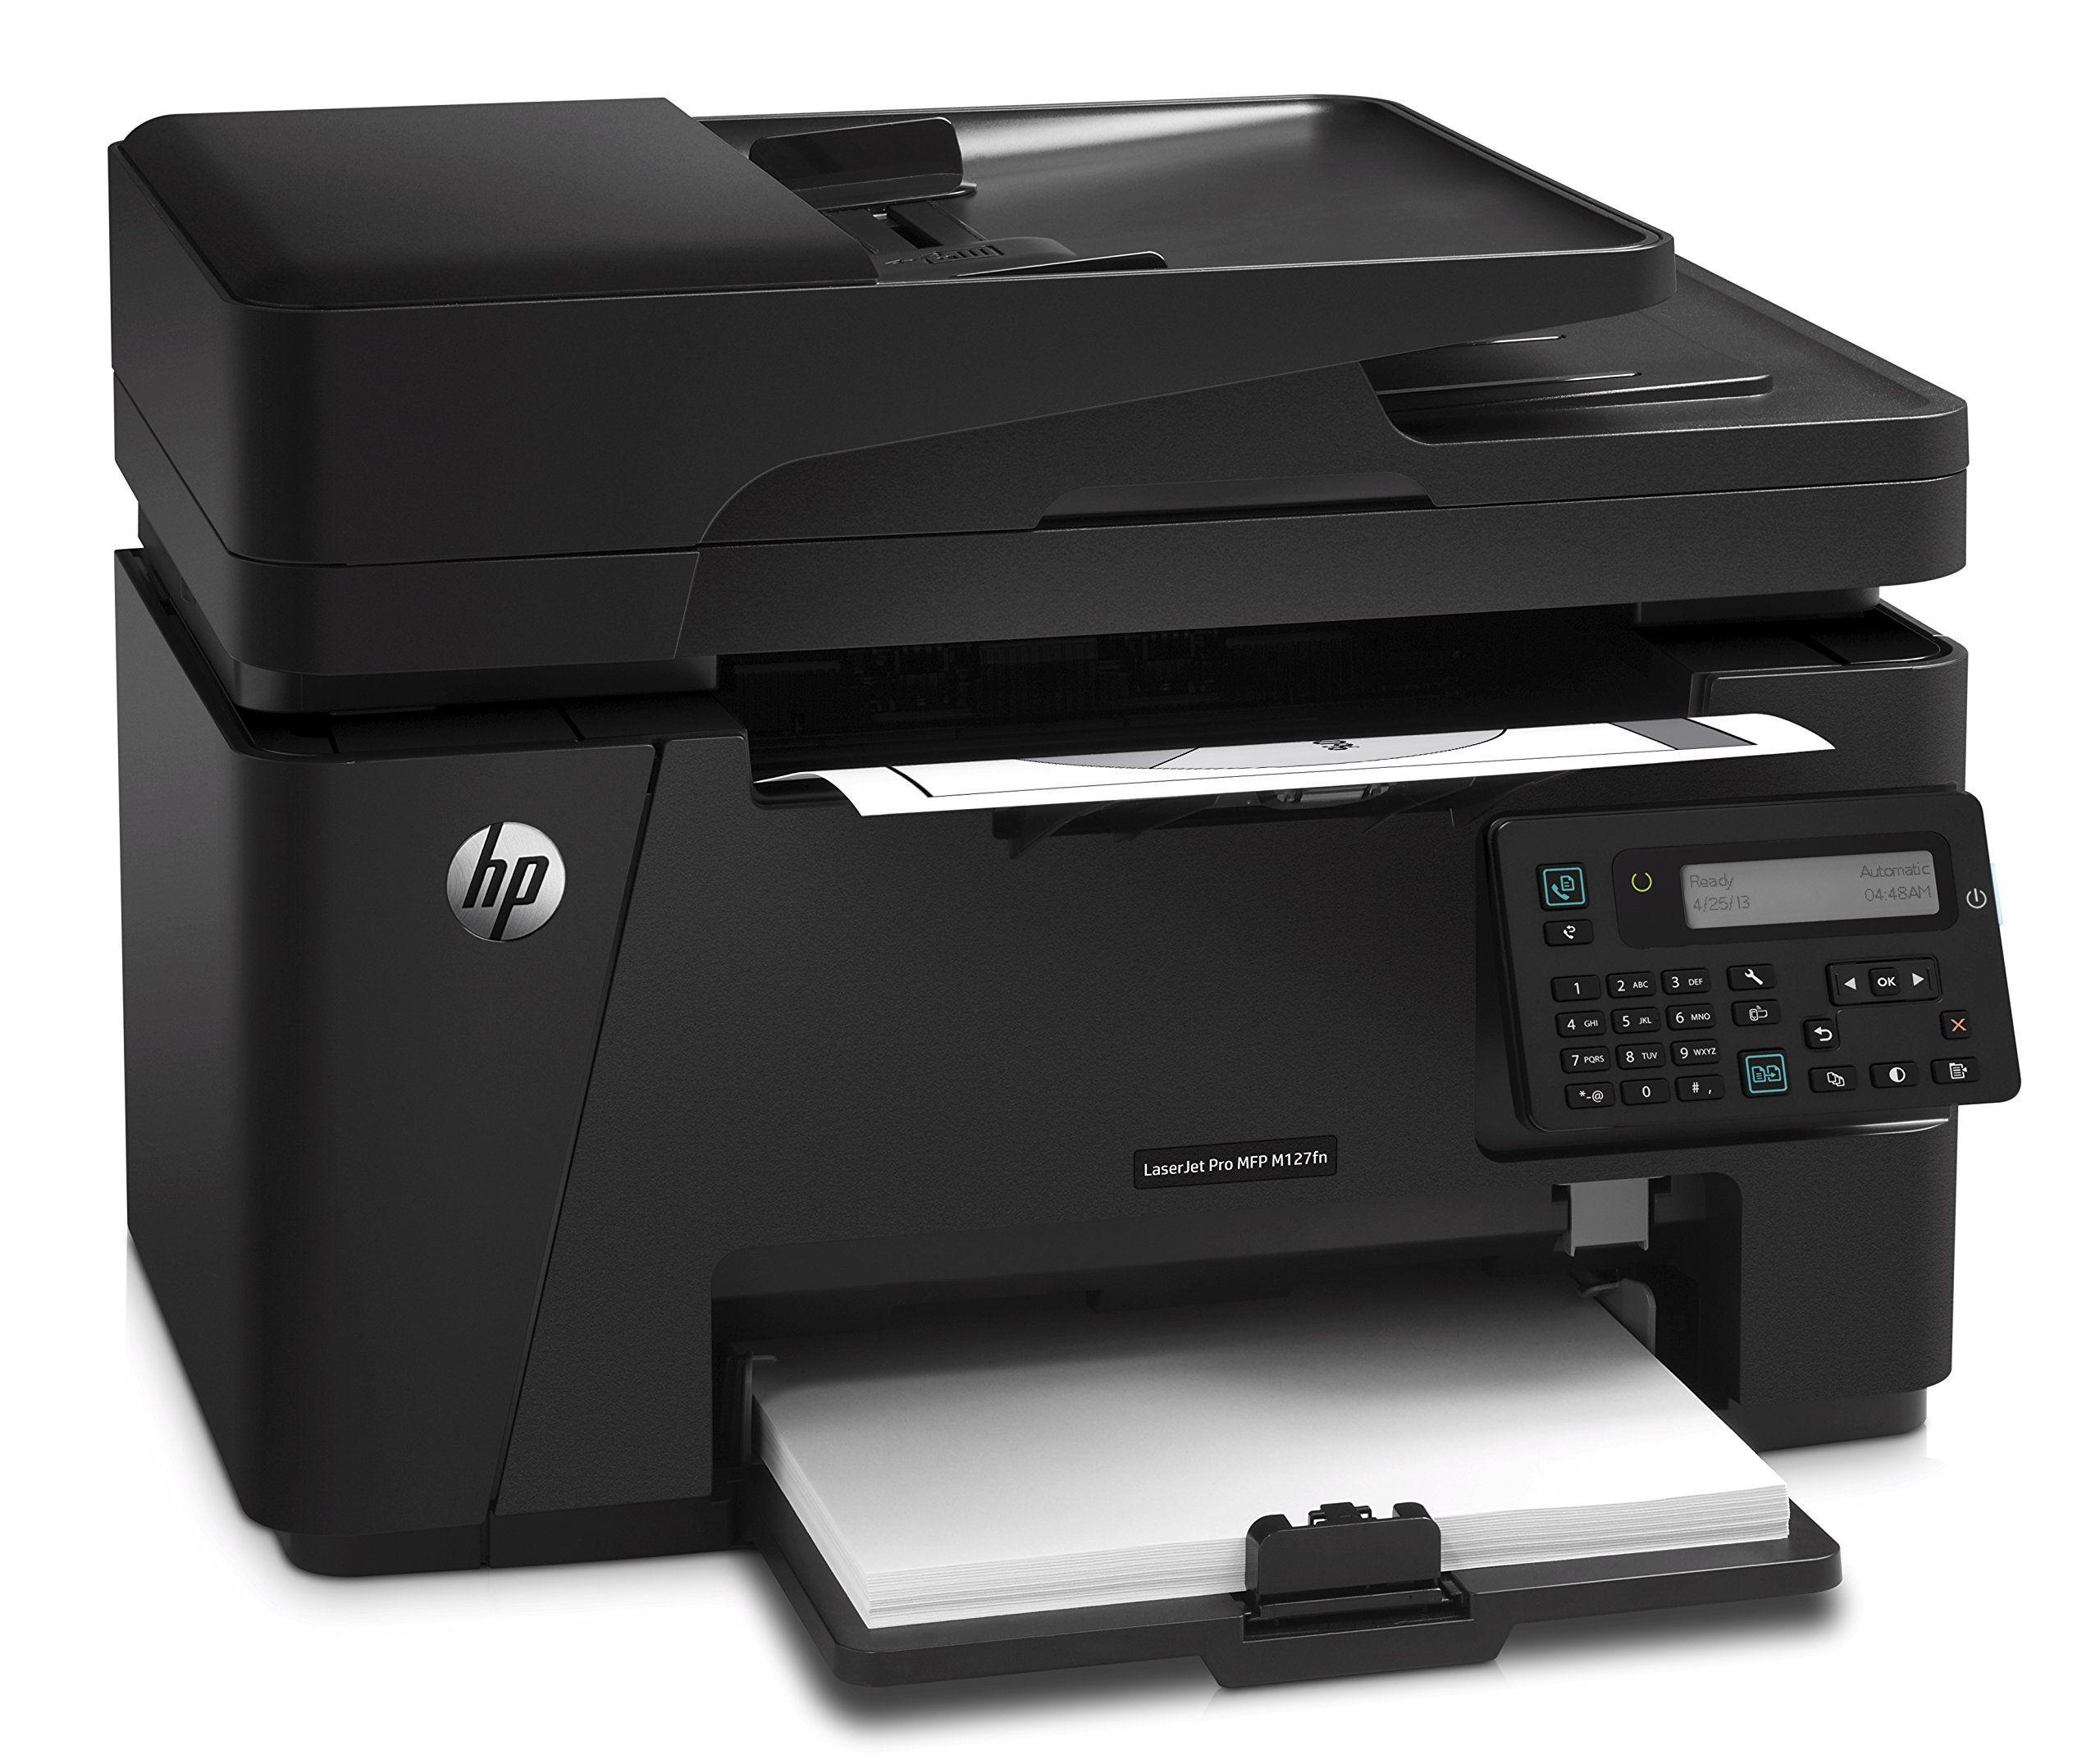 Hp Laserjet Pro M127fn Networked Allinone Monochrome Printer